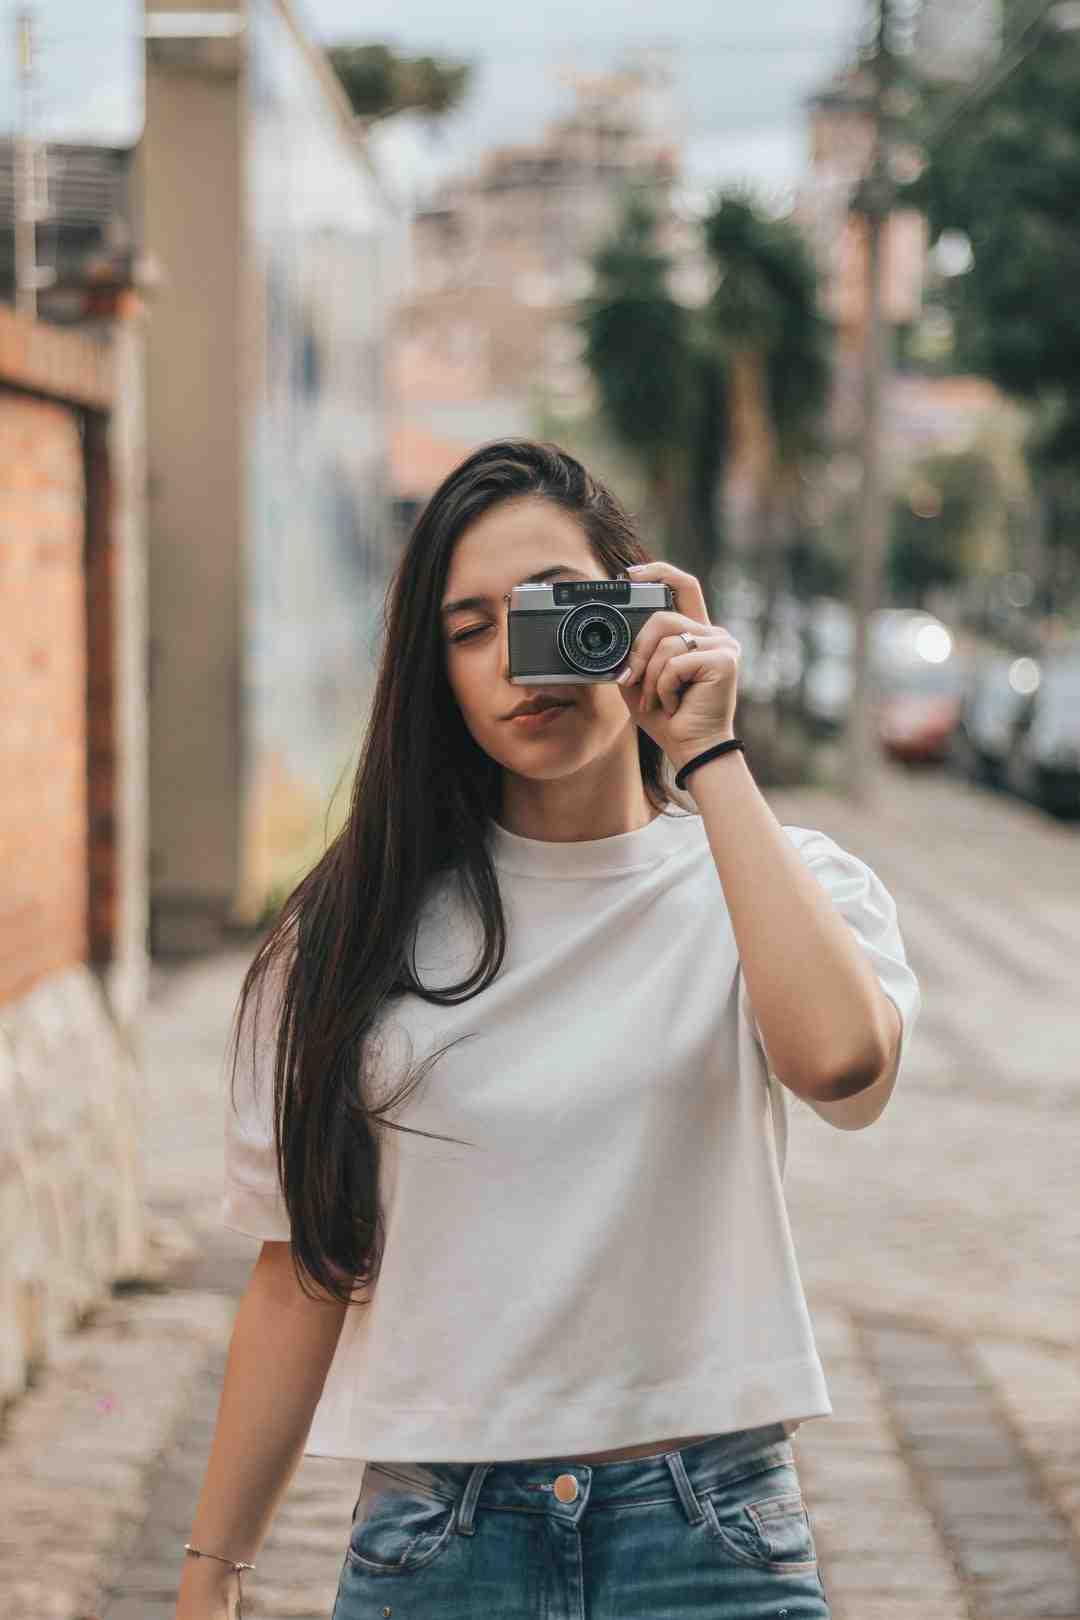 Comment compresser des photos gratuitement?